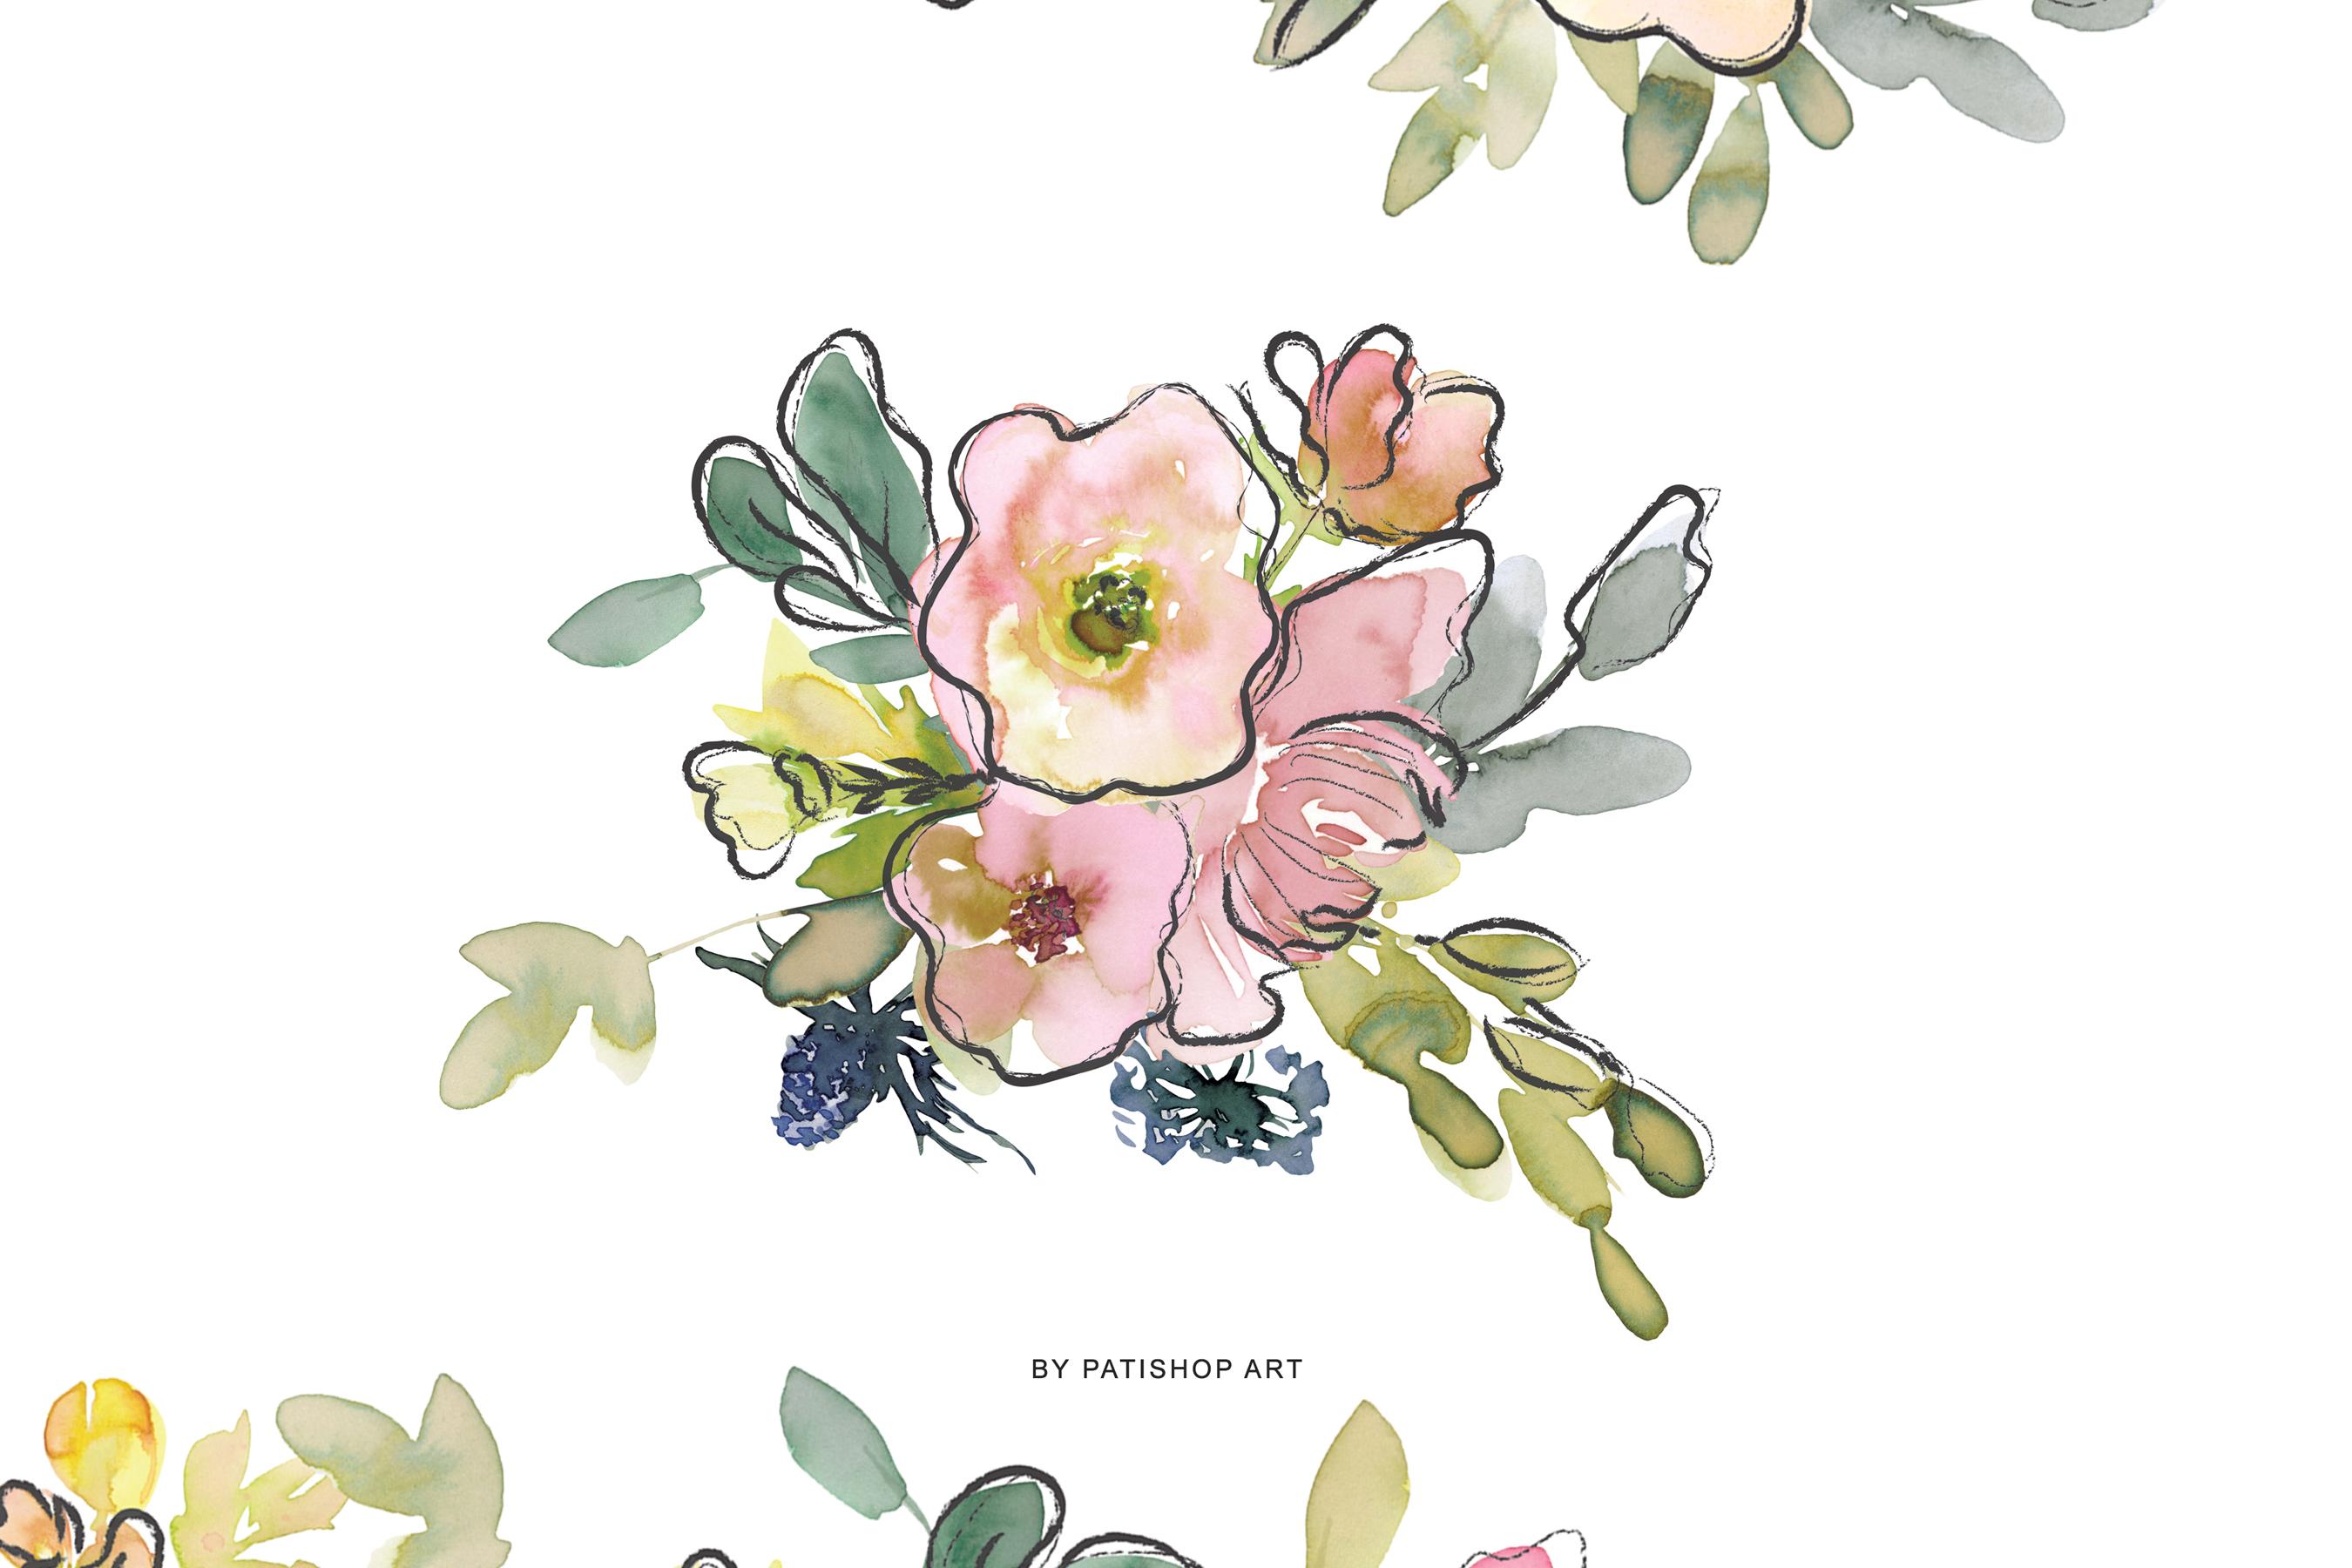 Watercolor Blush and Lemon Colors Floral Arrangements example image 4